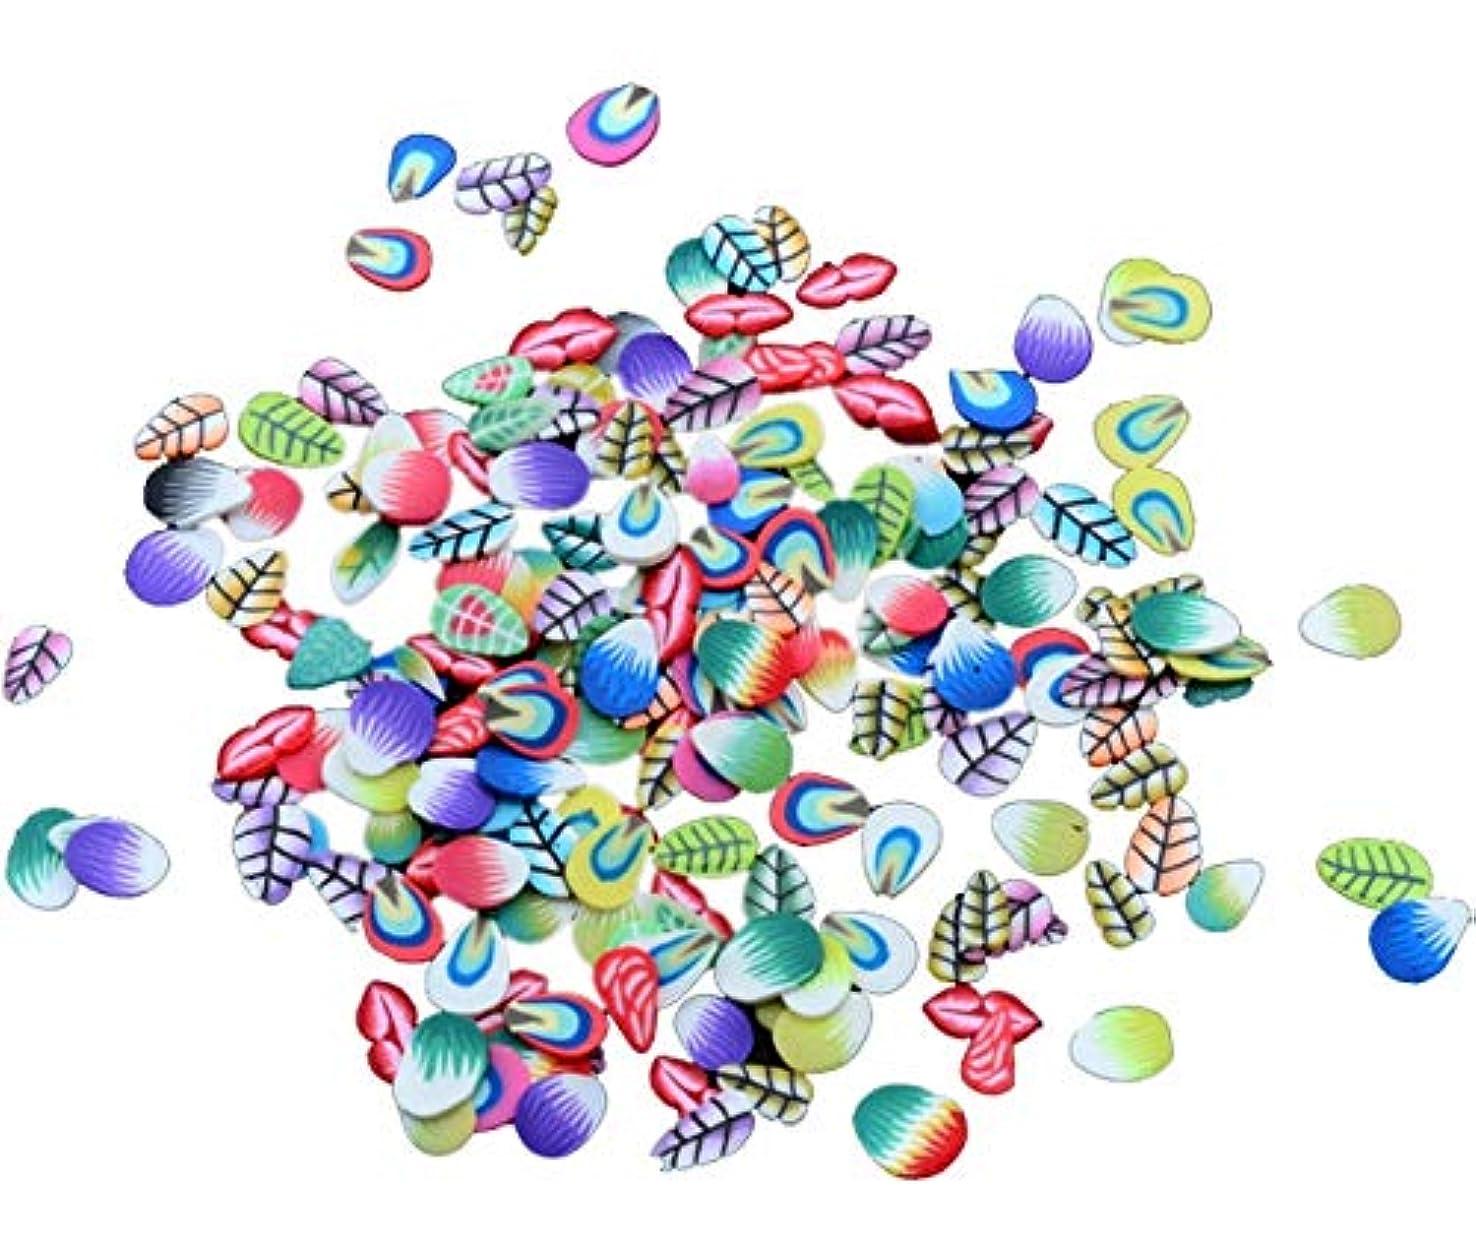 とまり木水銀のユーモアTianmey ソフト陶磁器デザインネイルアートステッカーマニキュア美しいファッションアクセサリー装飾DIYモバイル美容パッチ千個 (Color : Feather)